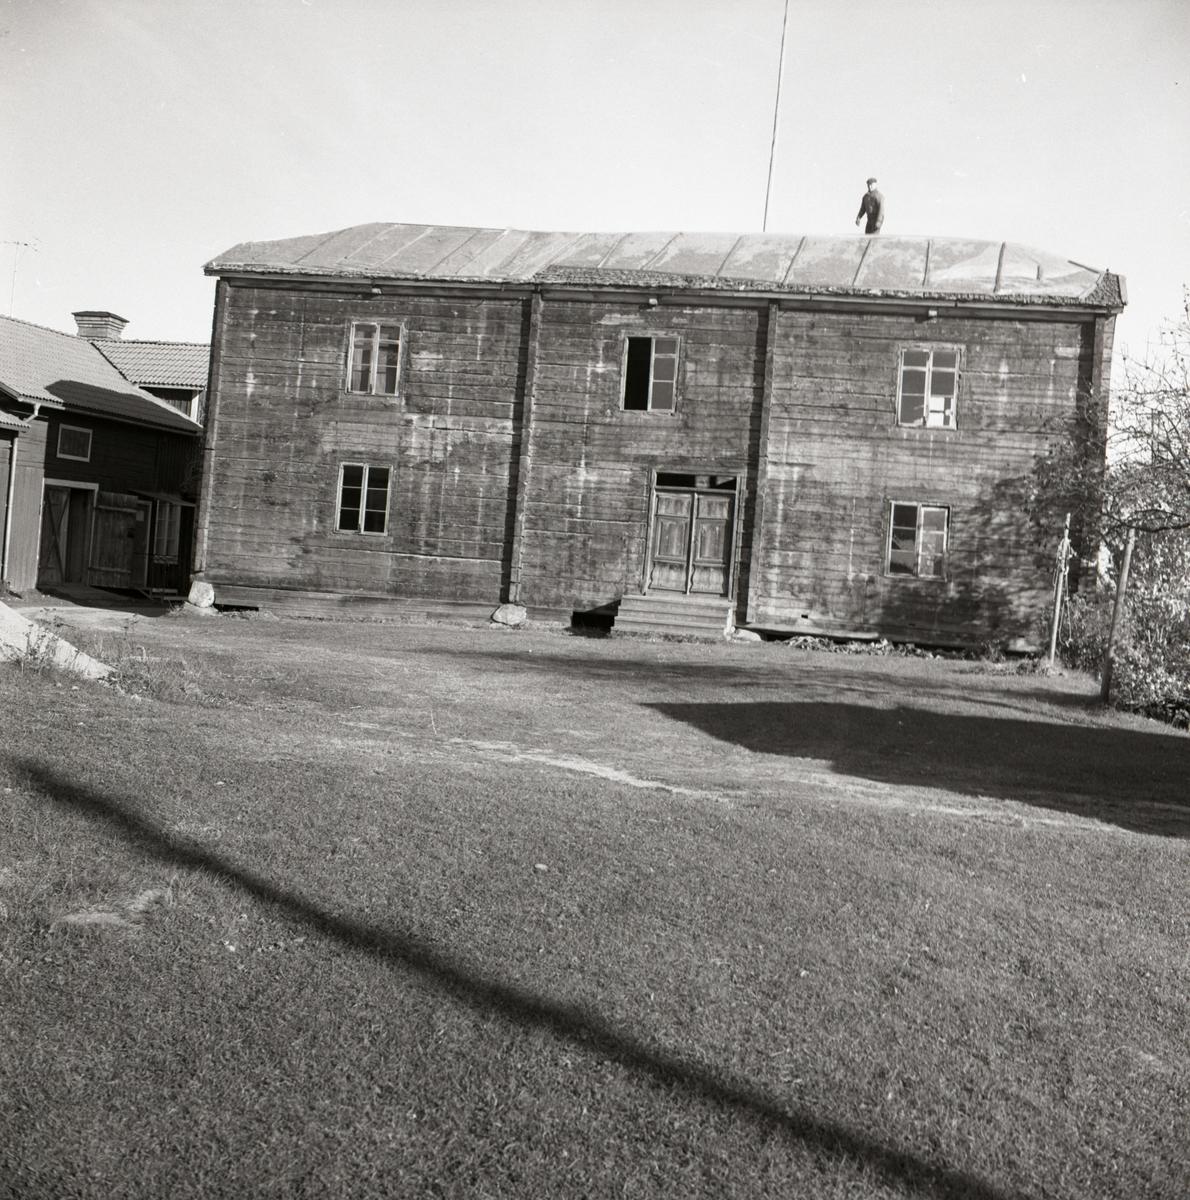 Mickelssons hus före nedmontering och flytttning, 1967-68 i Rengsjö.